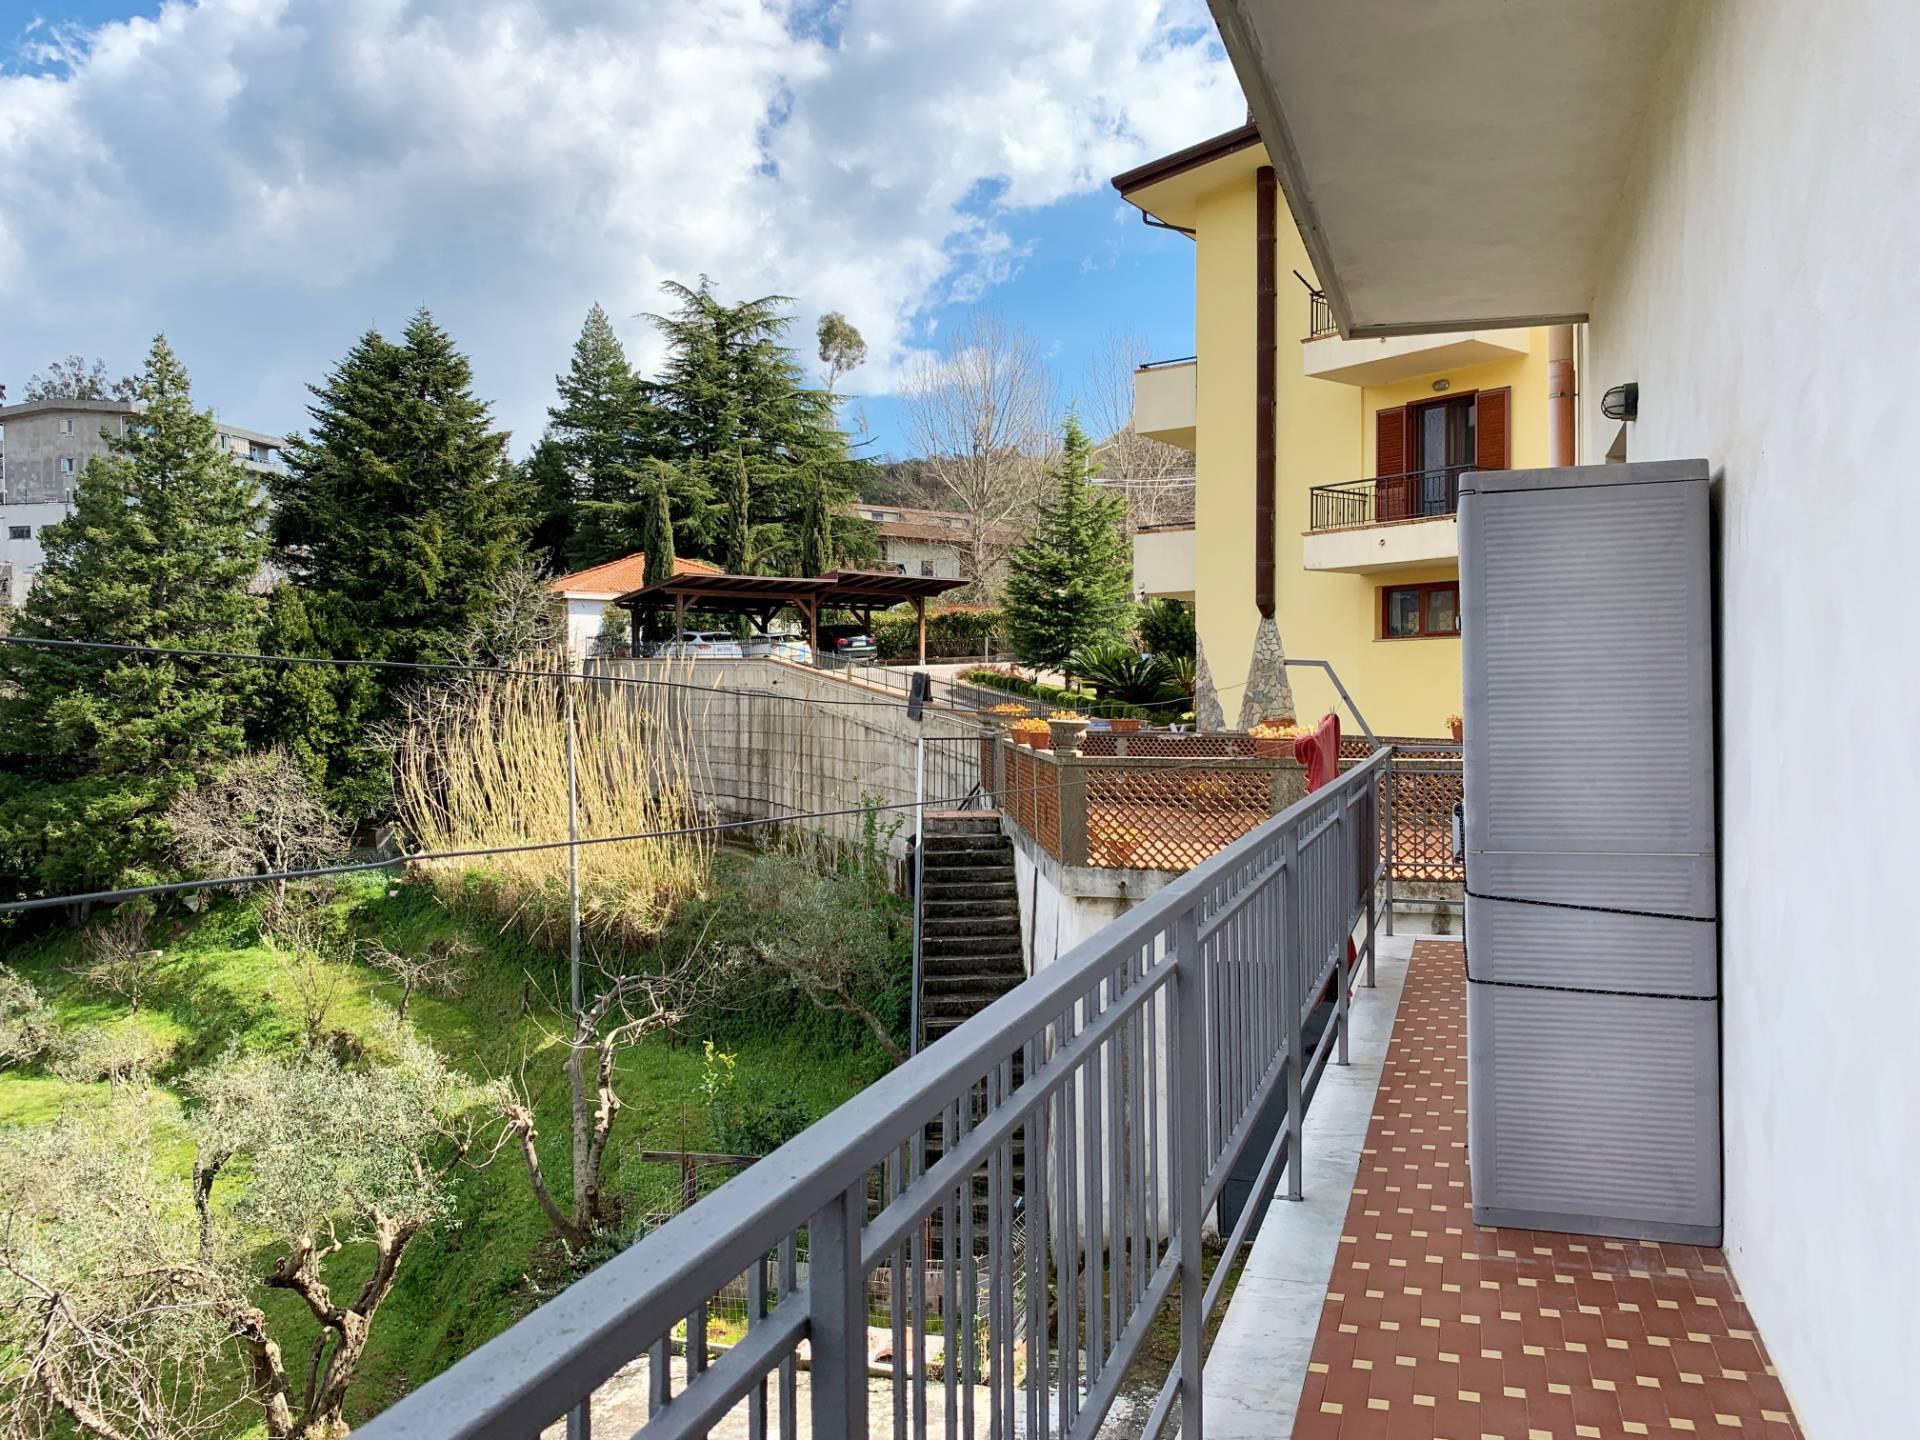 Appartamento in vendita a Catanzaro, 3 locali, zona Località: Piterà, prezzo € 135.000 | CambioCasa.it